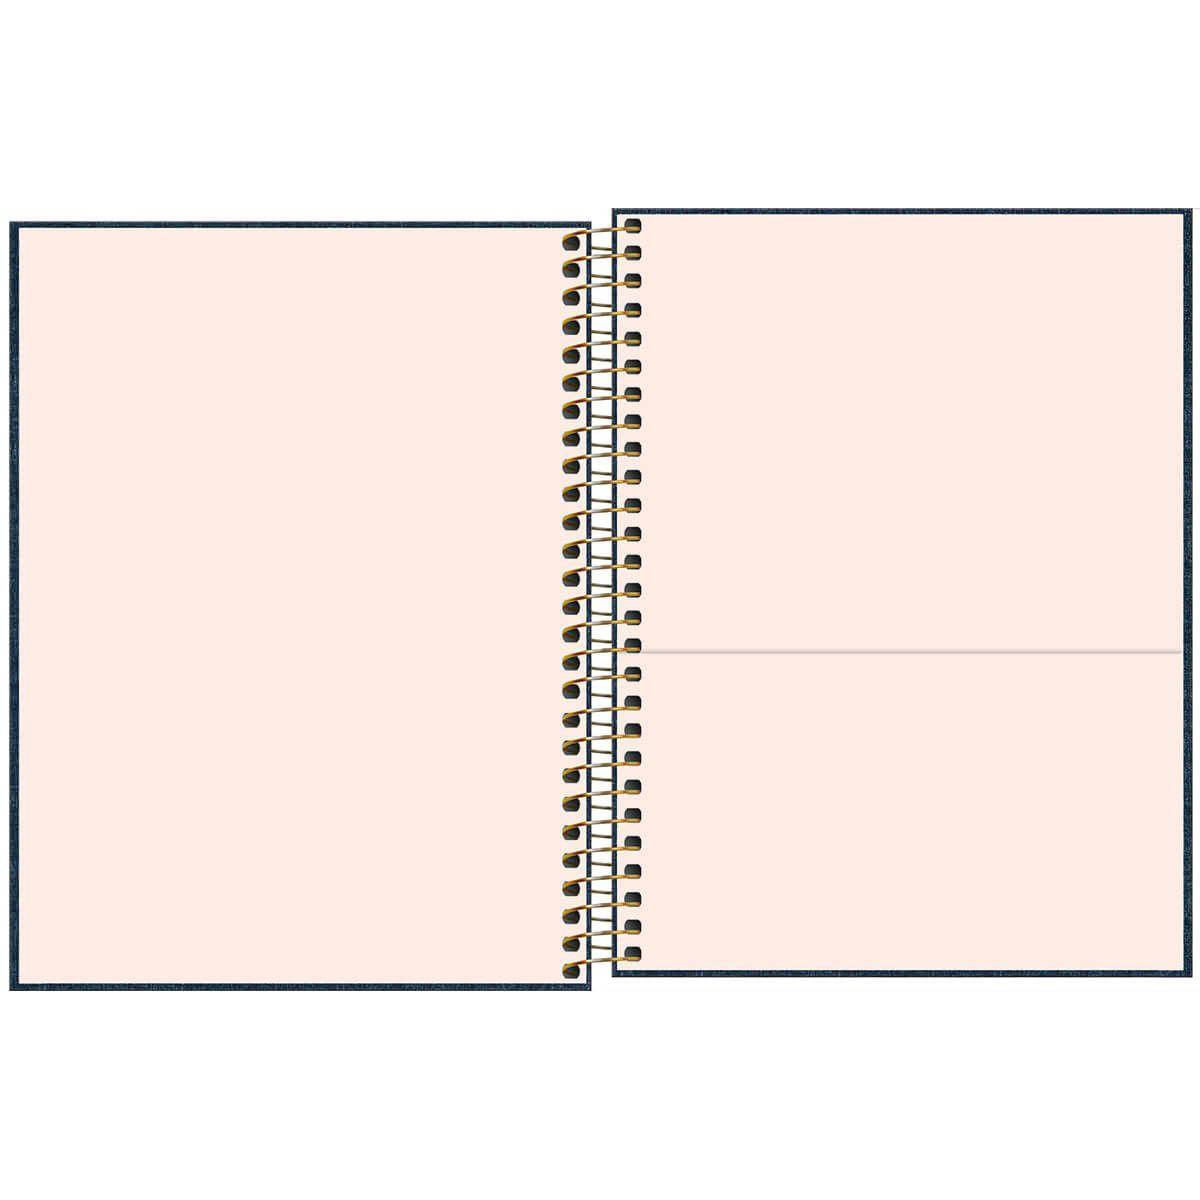 Caderno Executivo Espiral Capa Dura Colegial Cambridge Denim 80 Folhas Tilibra